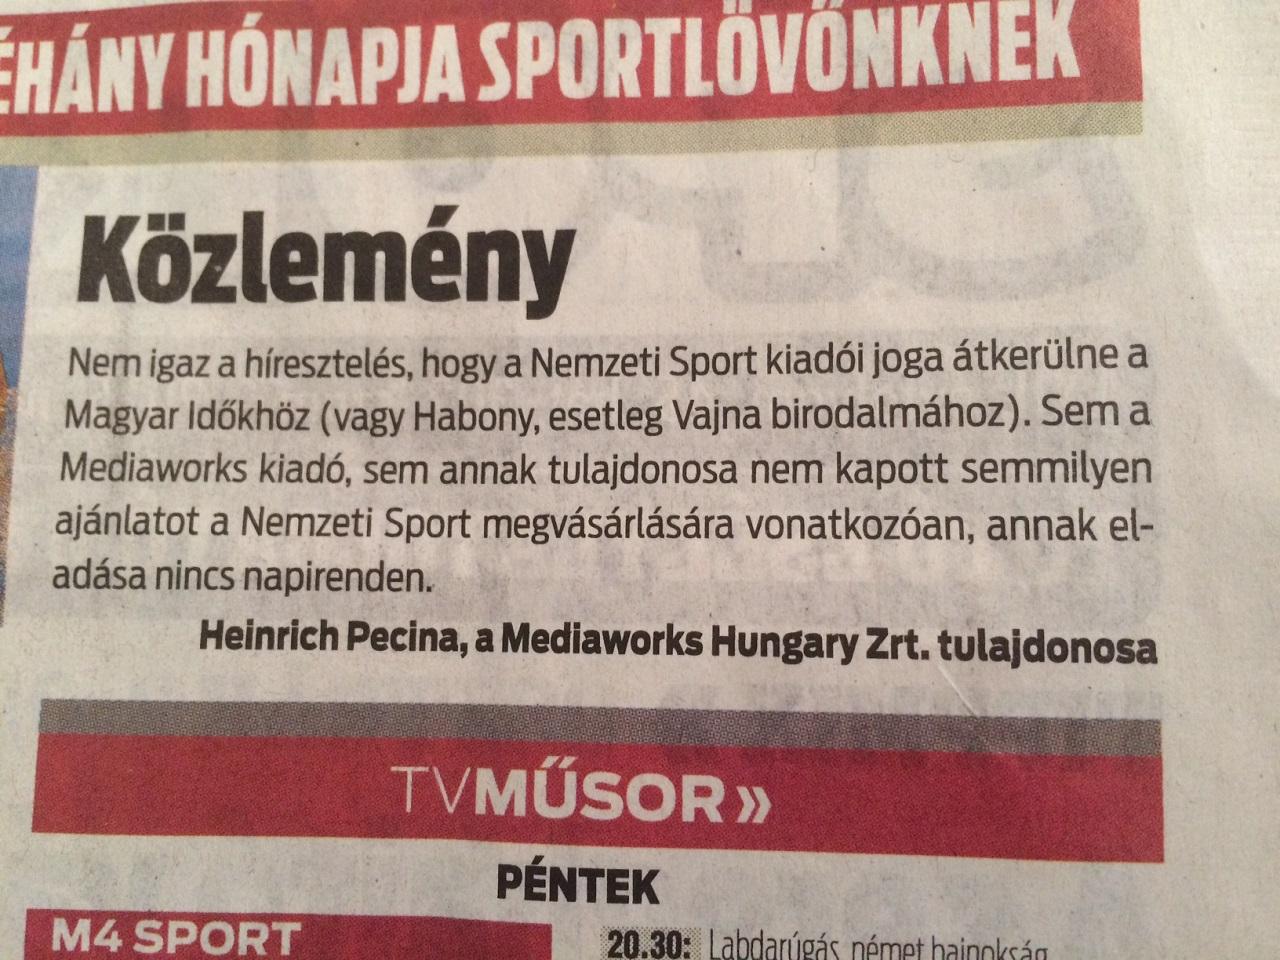 Személyesen Orbánnak üzennek egy bizarr közleménnyel a Nemzeti Sportban?